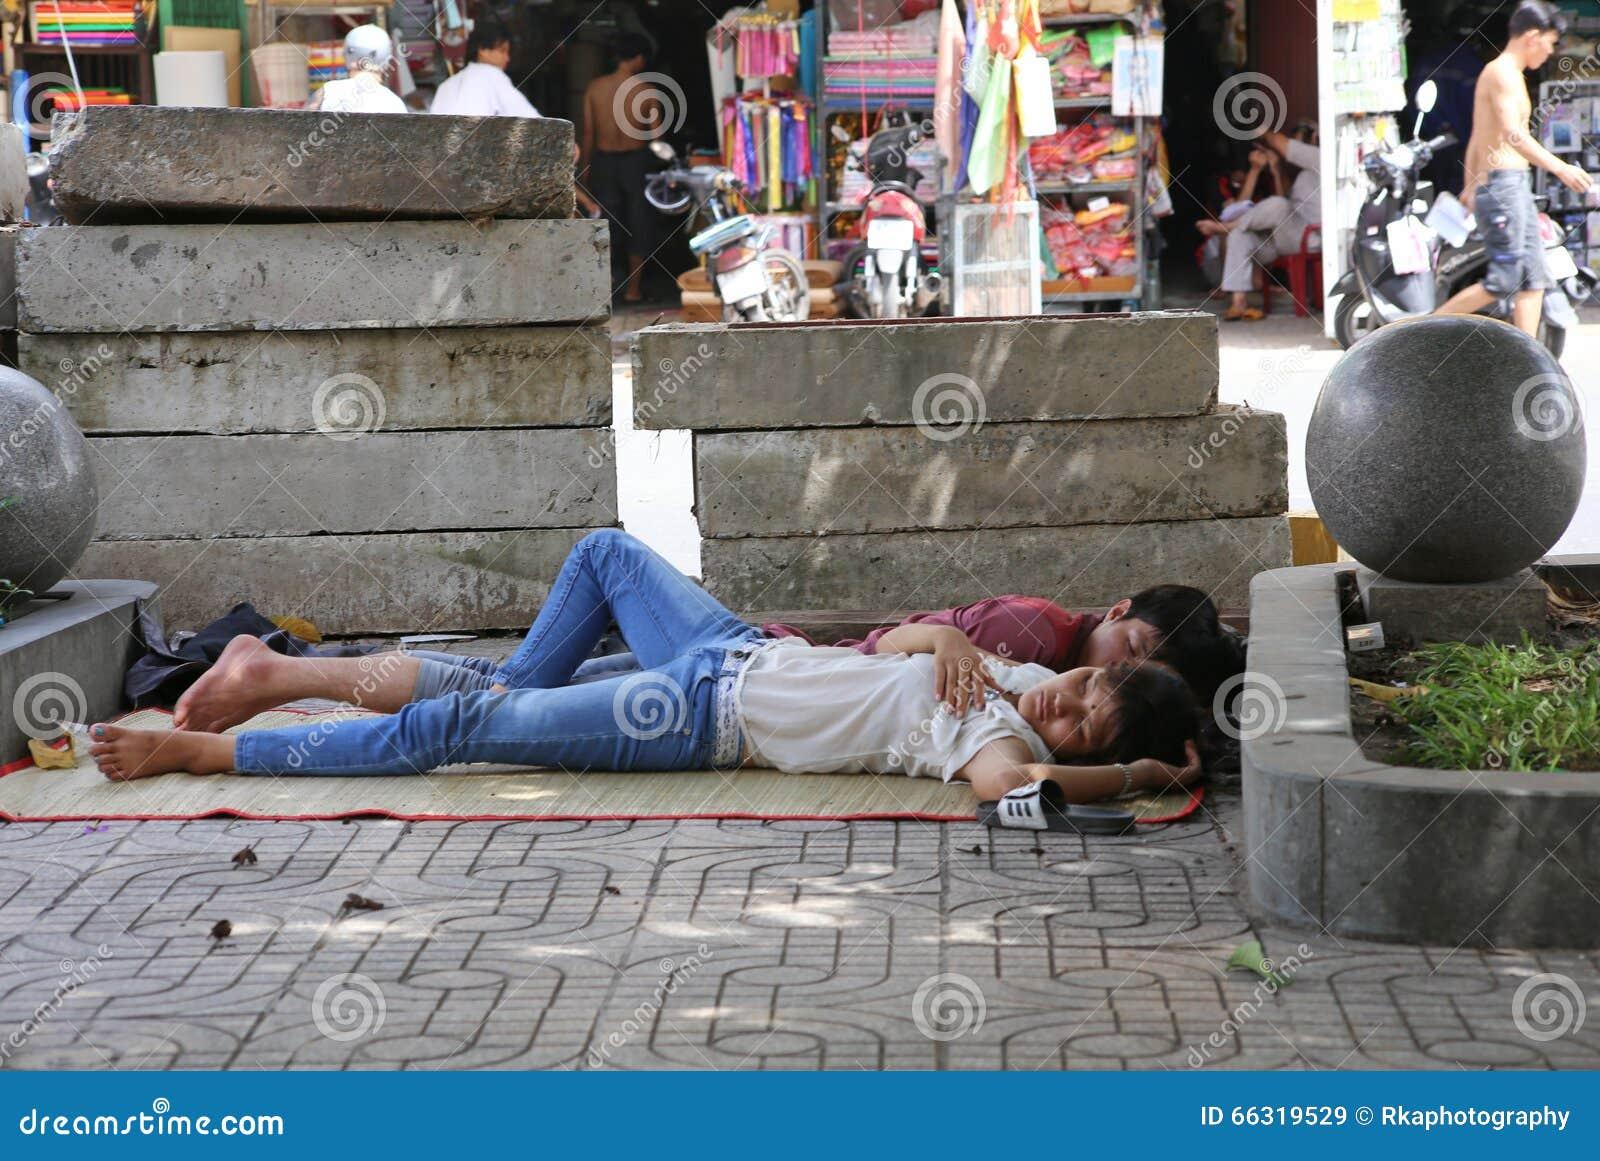 ein junges paar schlafen auf den stra en von hanoi in einander 39 s arme redaktionelles stockbild. Black Bedroom Furniture Sets. Home Design Ideas